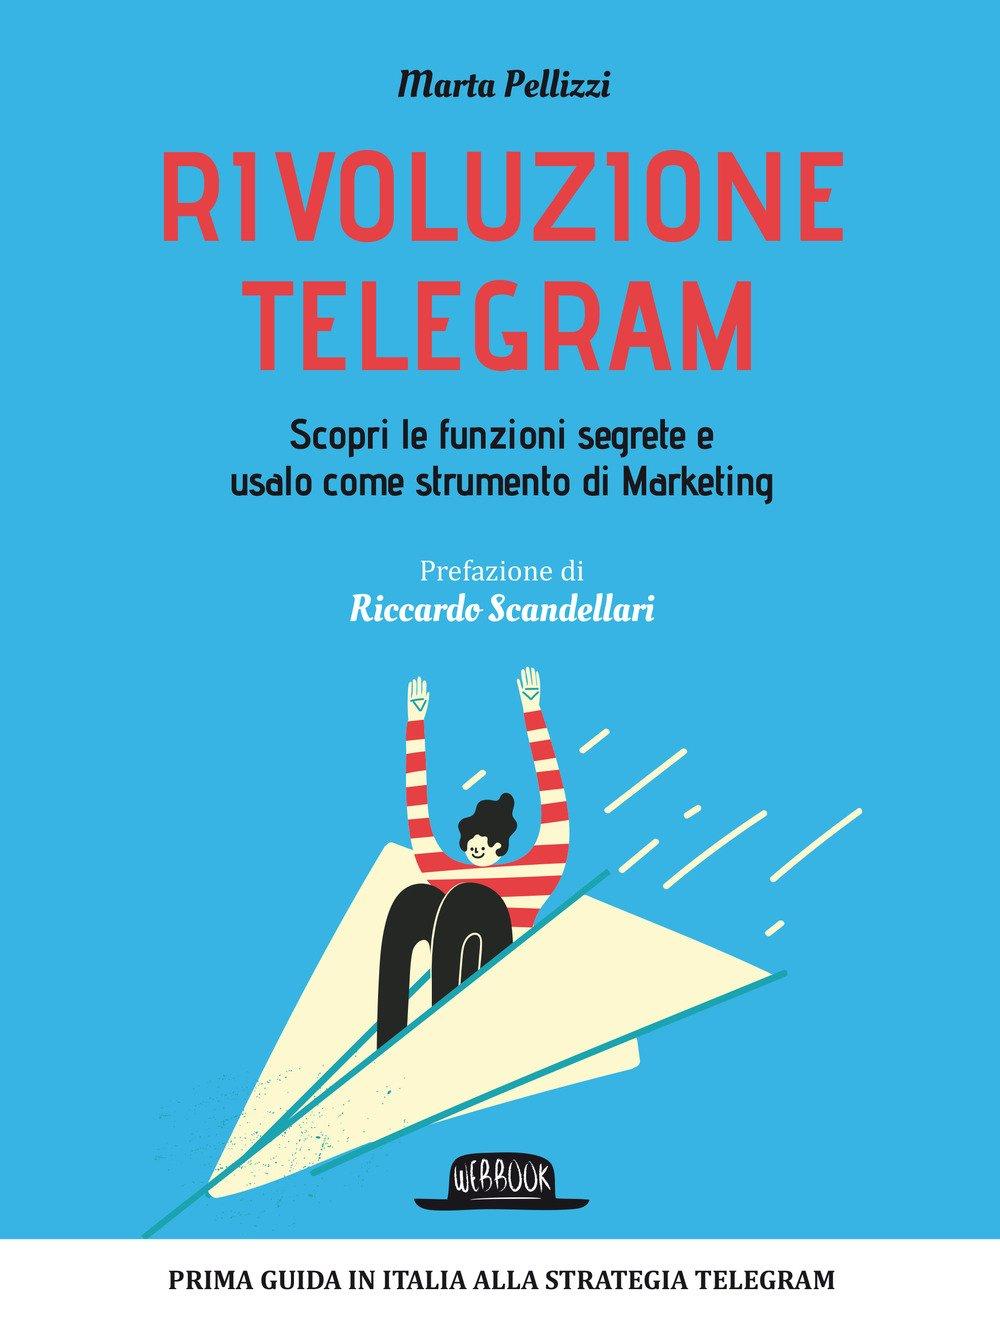 telegram per scaricare libri